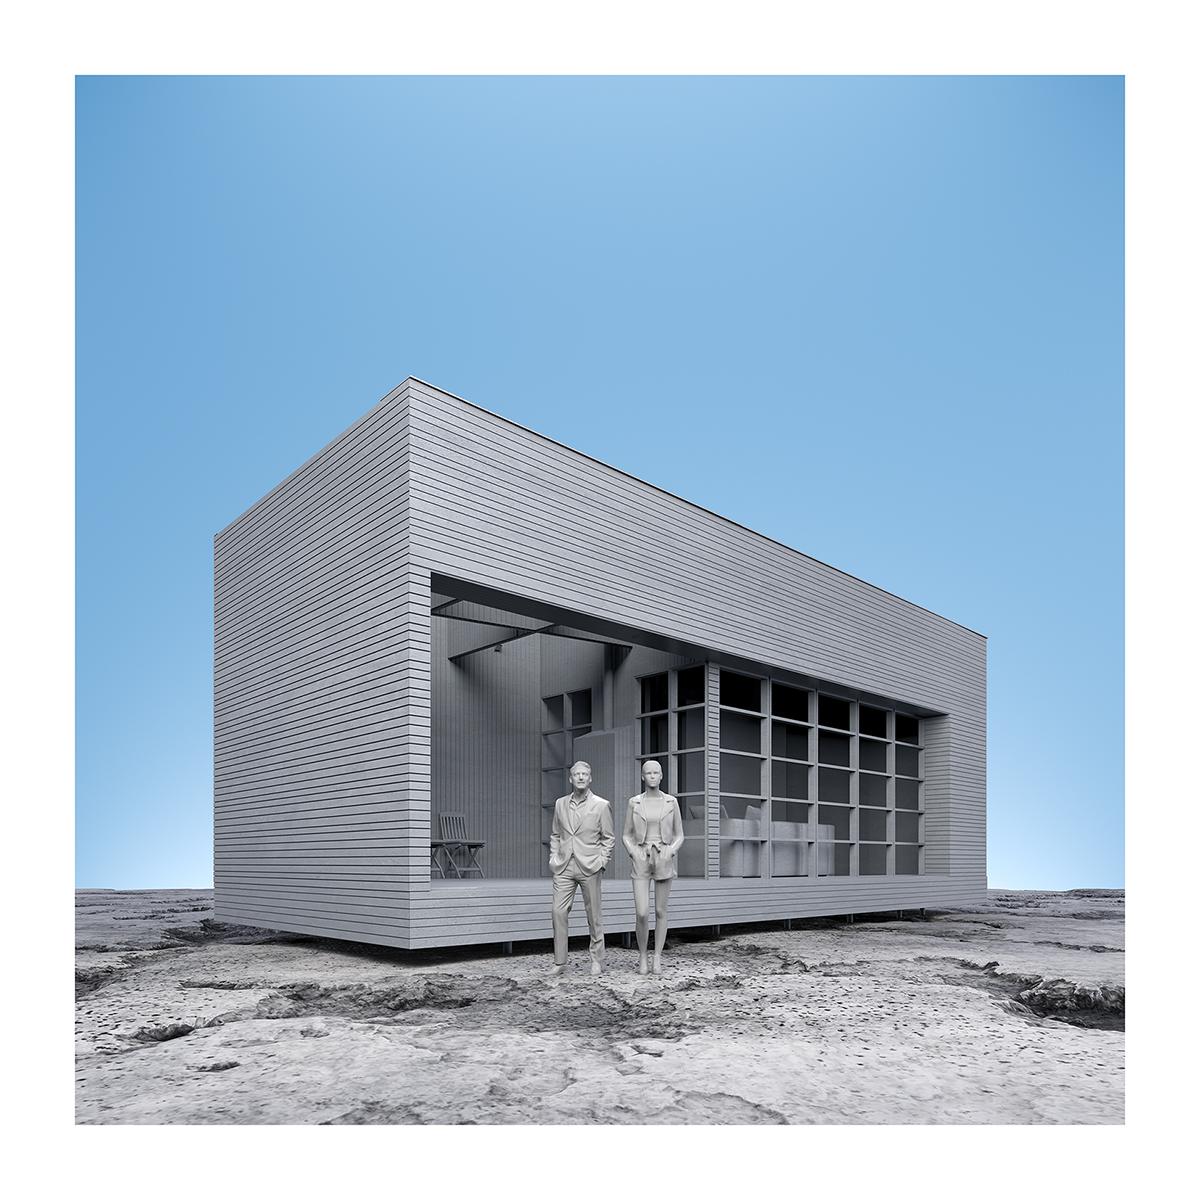 180 Art of the XXICentury II 001 - 2021 - Art of the XXI Century. II